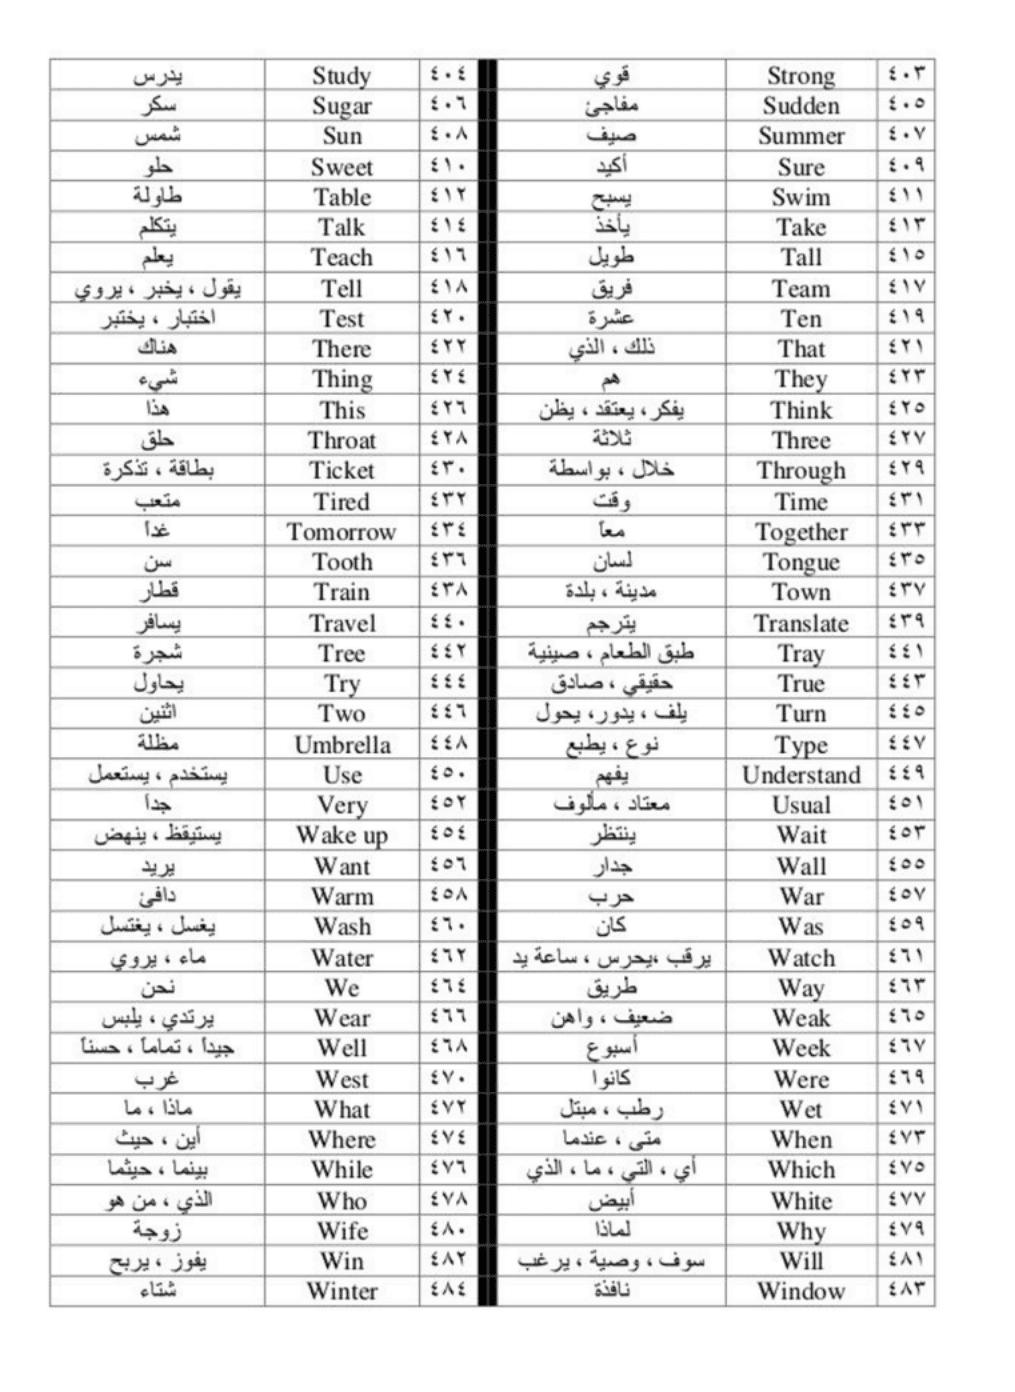 بالصور أكثر 500 كلمة استعمالا في اللغة الانجليزي